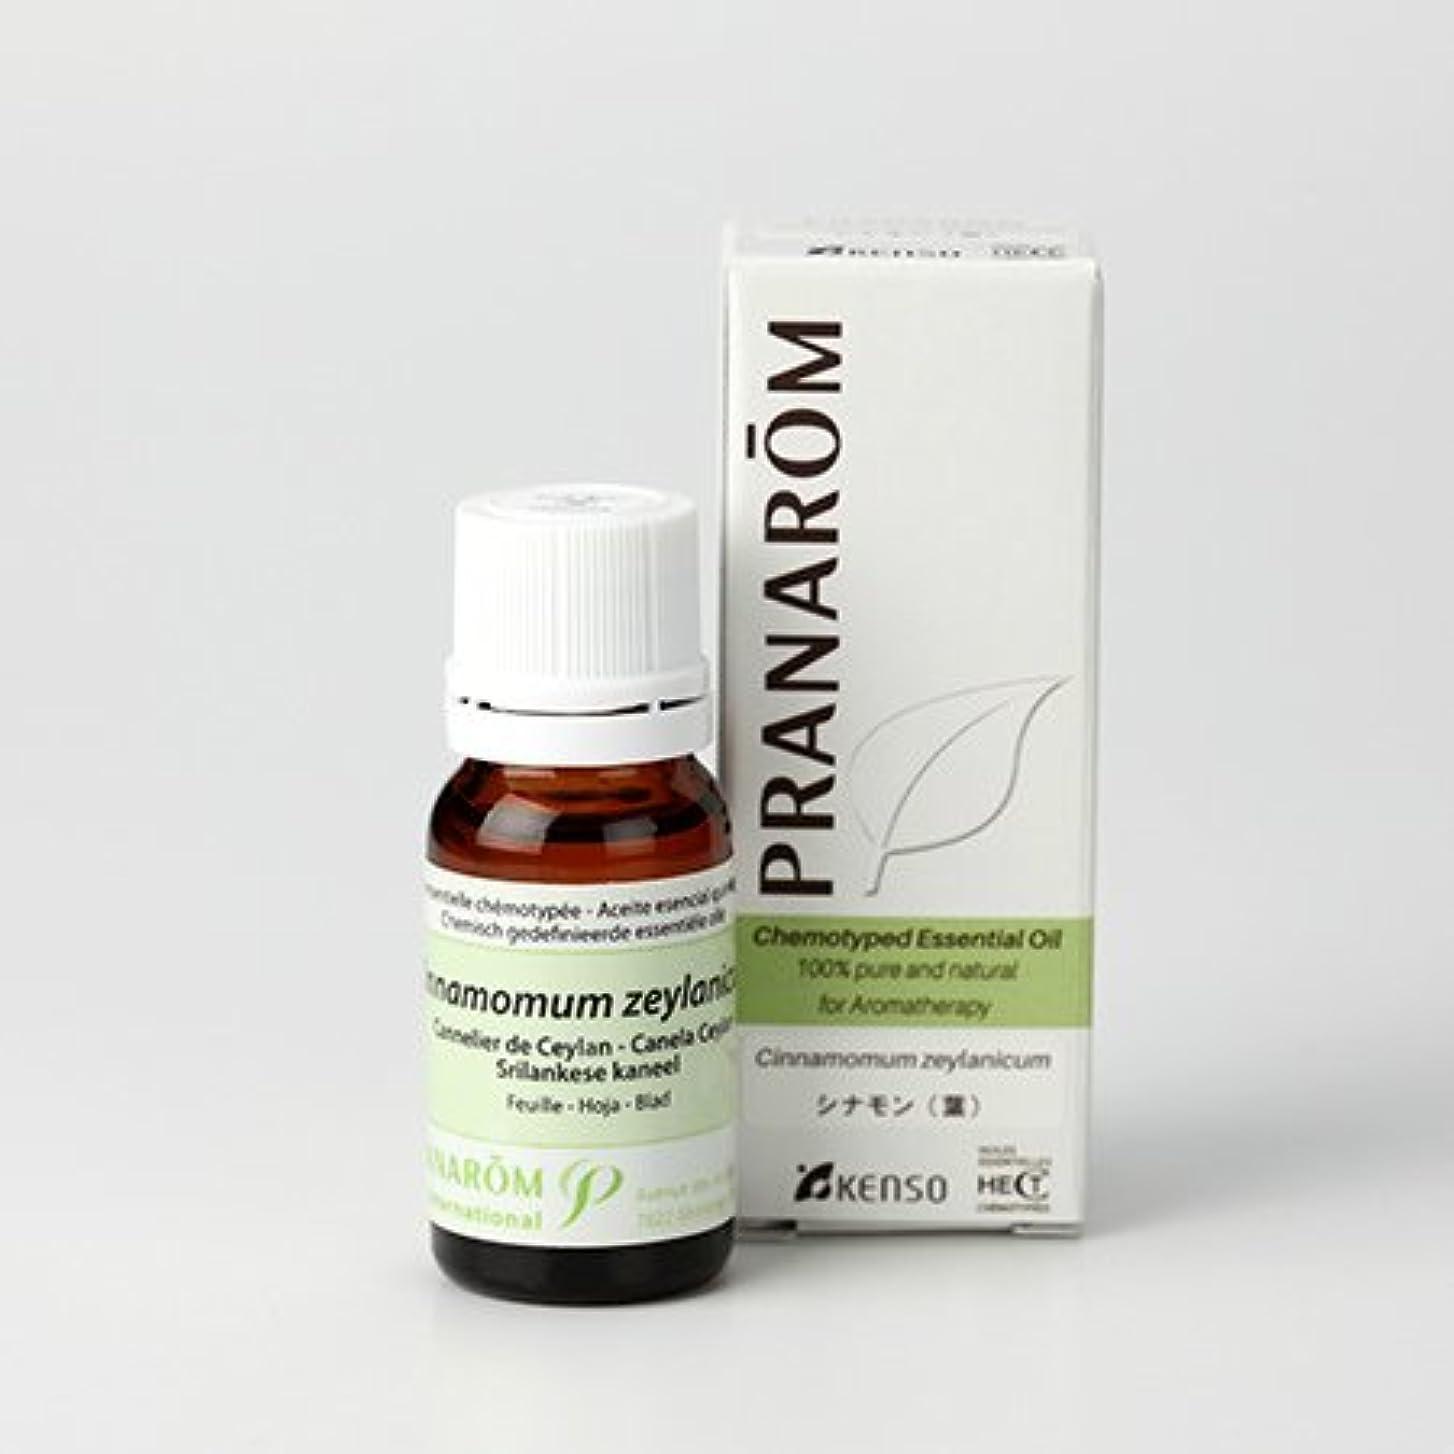 大脳のホストアイドルプラナロム シナモン(葉) 10ml (PRANAROM ケモタイプ精油)